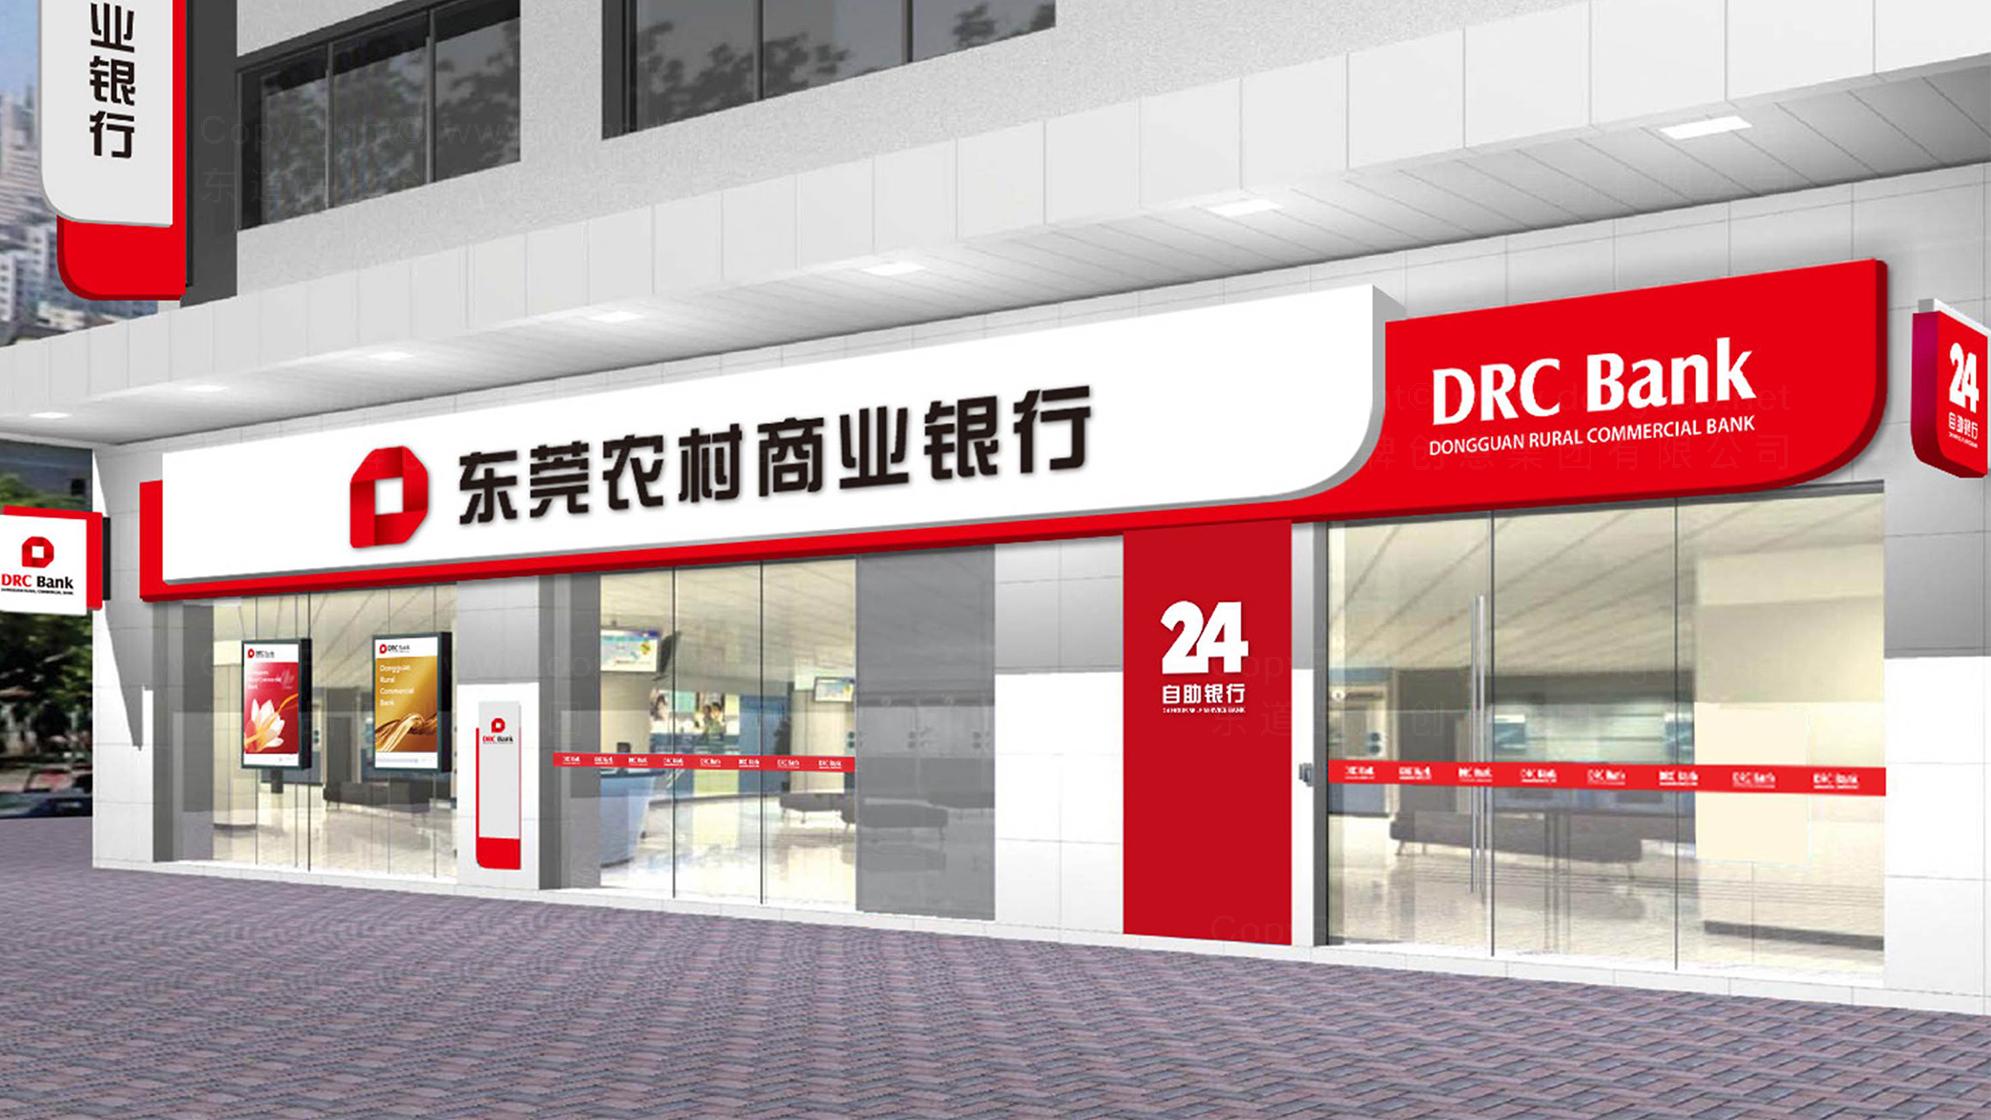 东莞农商行logo设计、vi设计应用场景_3